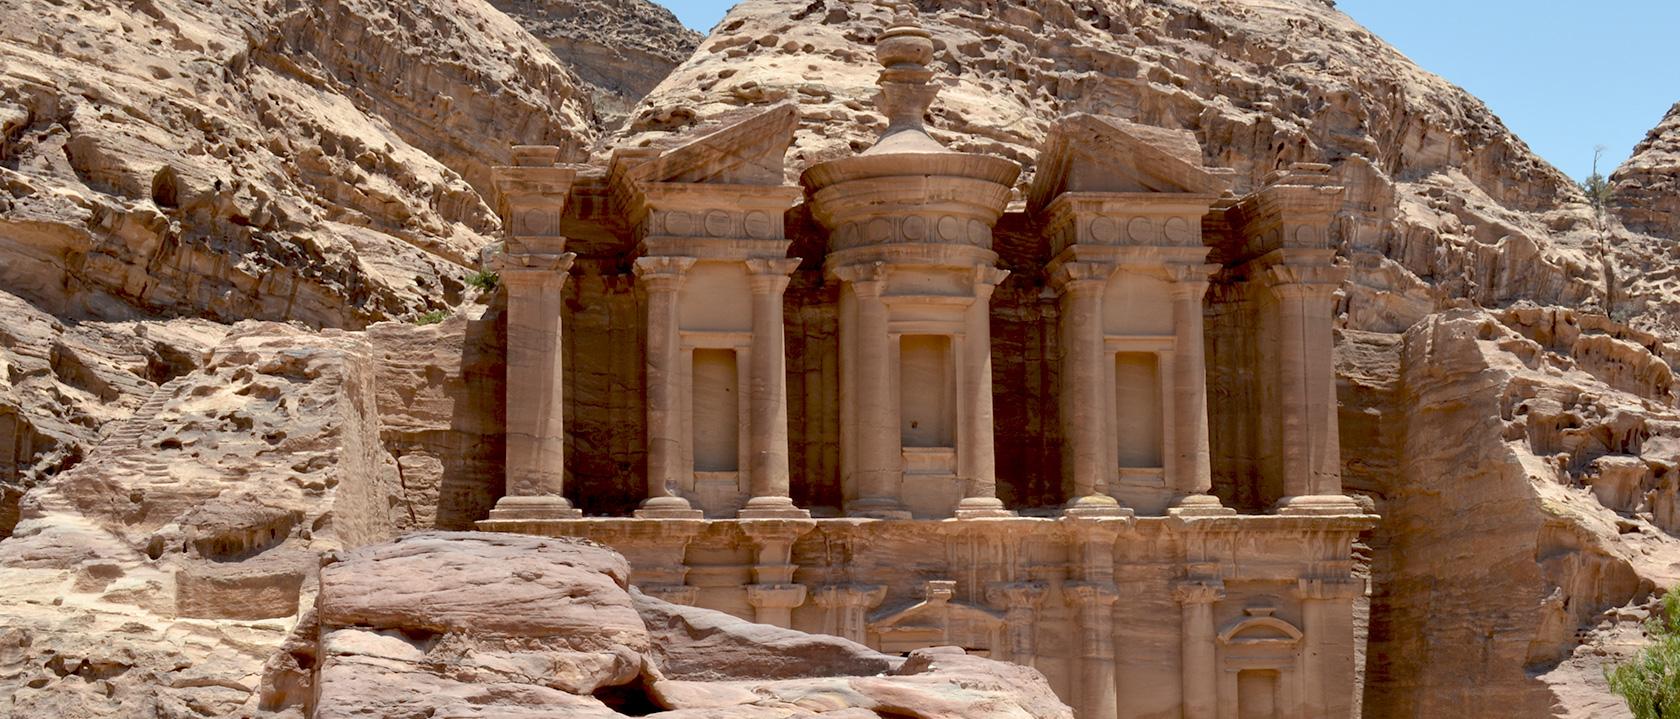 Discover Jordanie - Petra